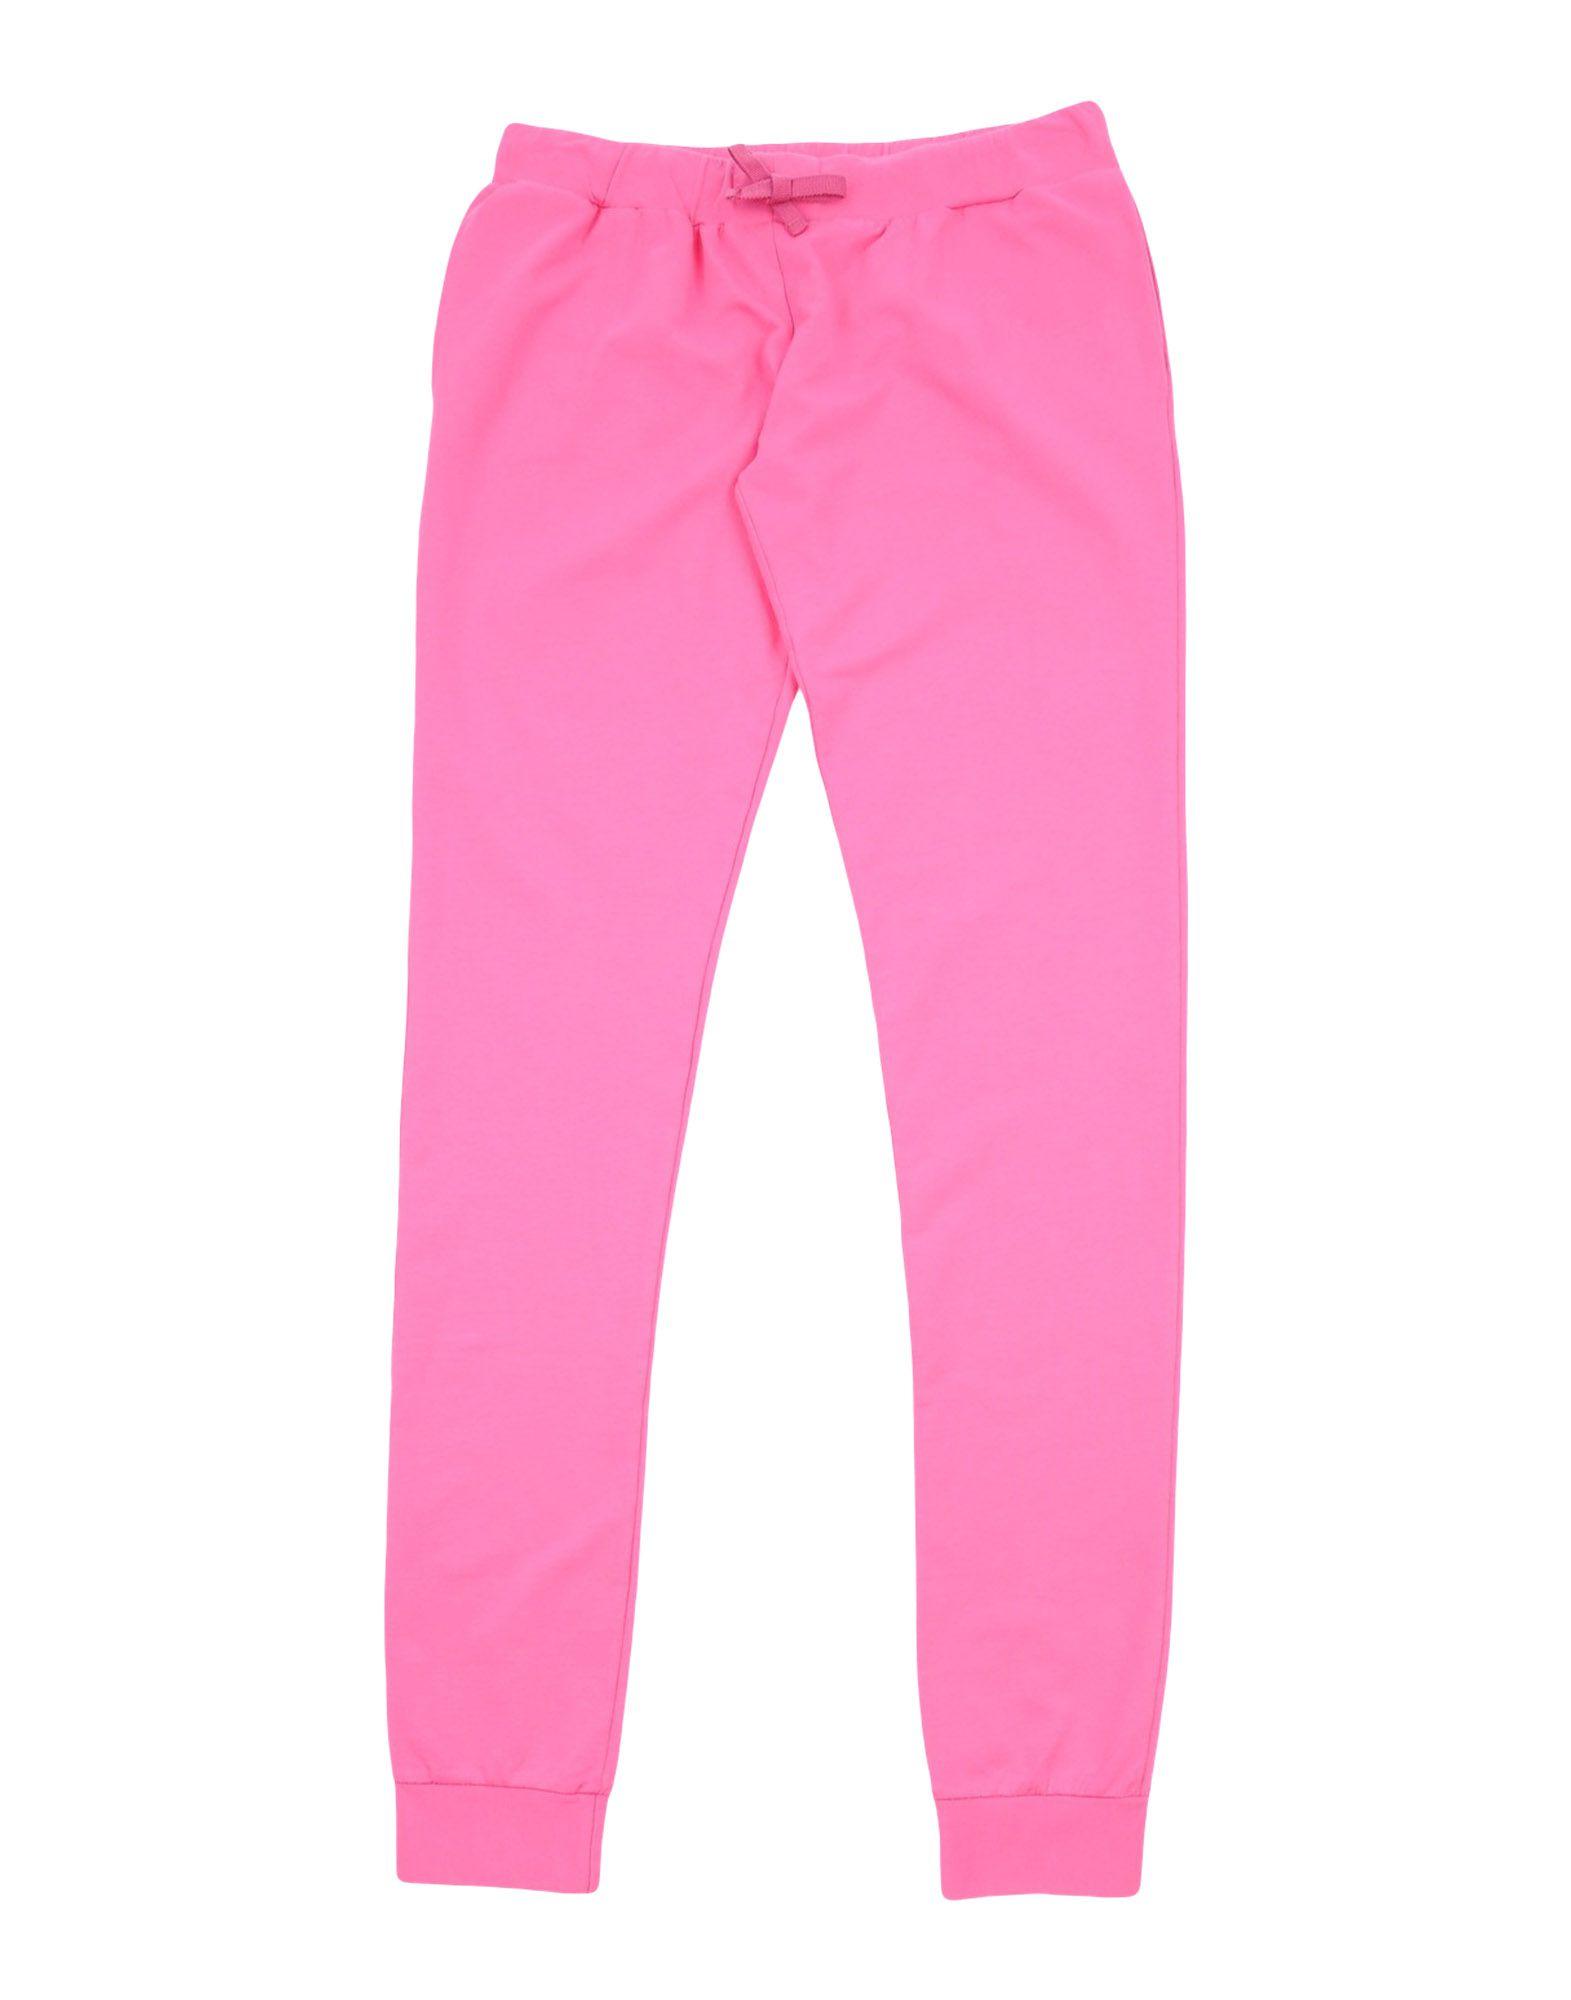 Pantalone Pantalone Pantalone Manila Grace Denim donna - 13051985PT 013